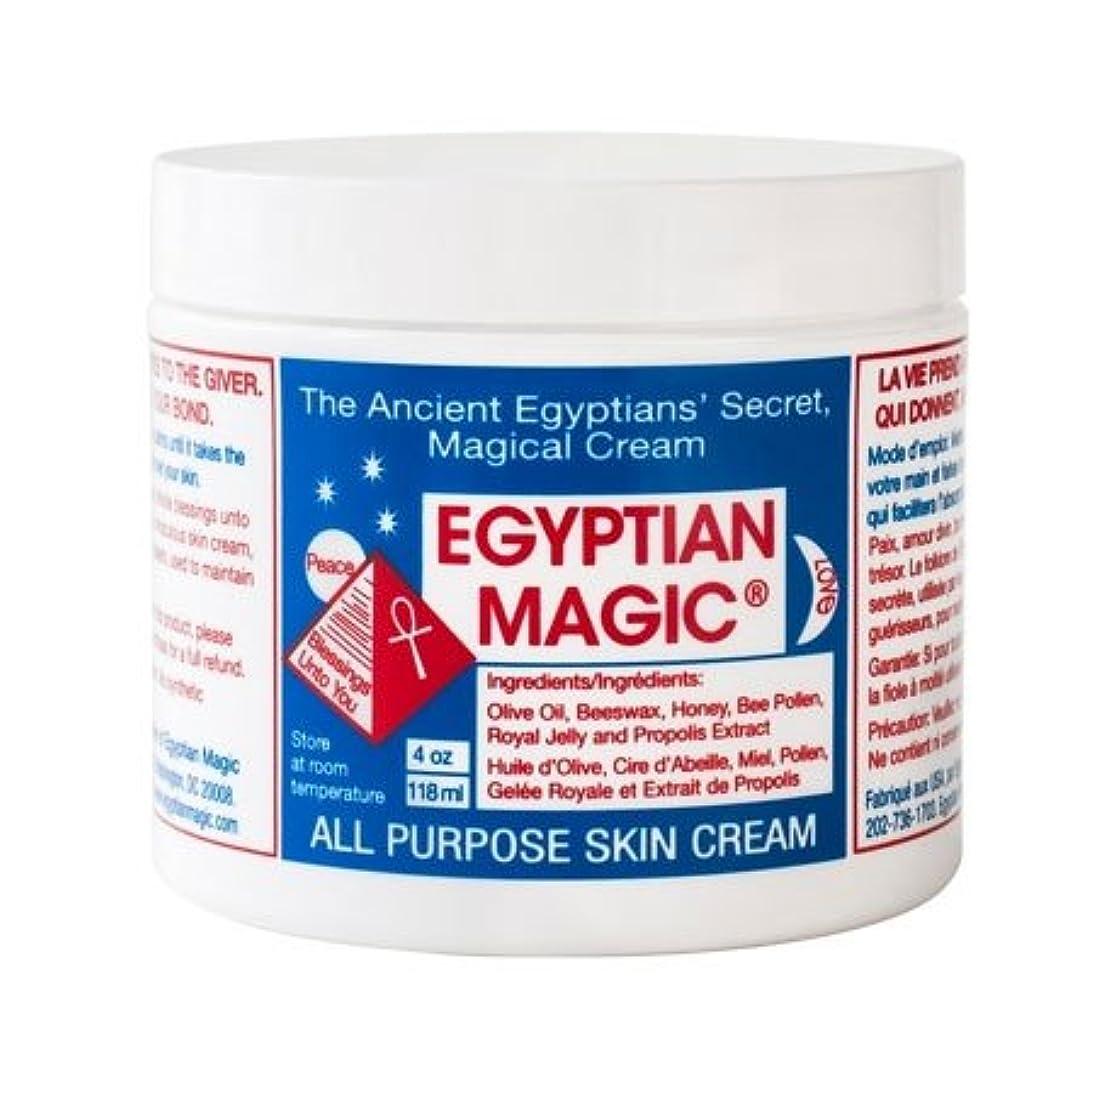 海洋誇りに思う電気陽性エジプシャンマジック エジプシャン マジック クリーム 118ml 海外仕様パッケージ